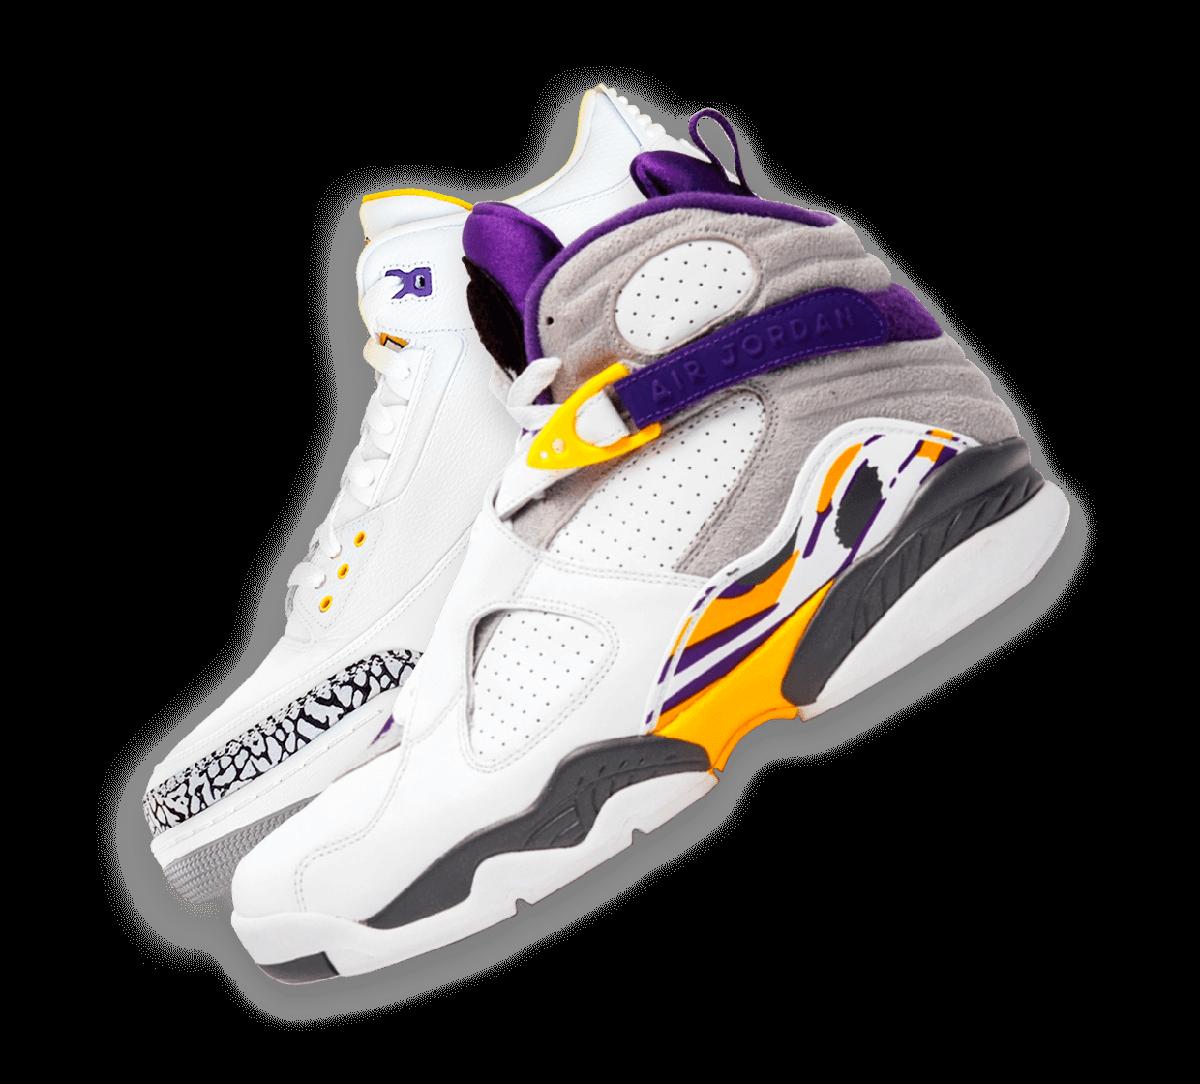 Air Jordan 3/8 Retro 'Kobe Pack' Image